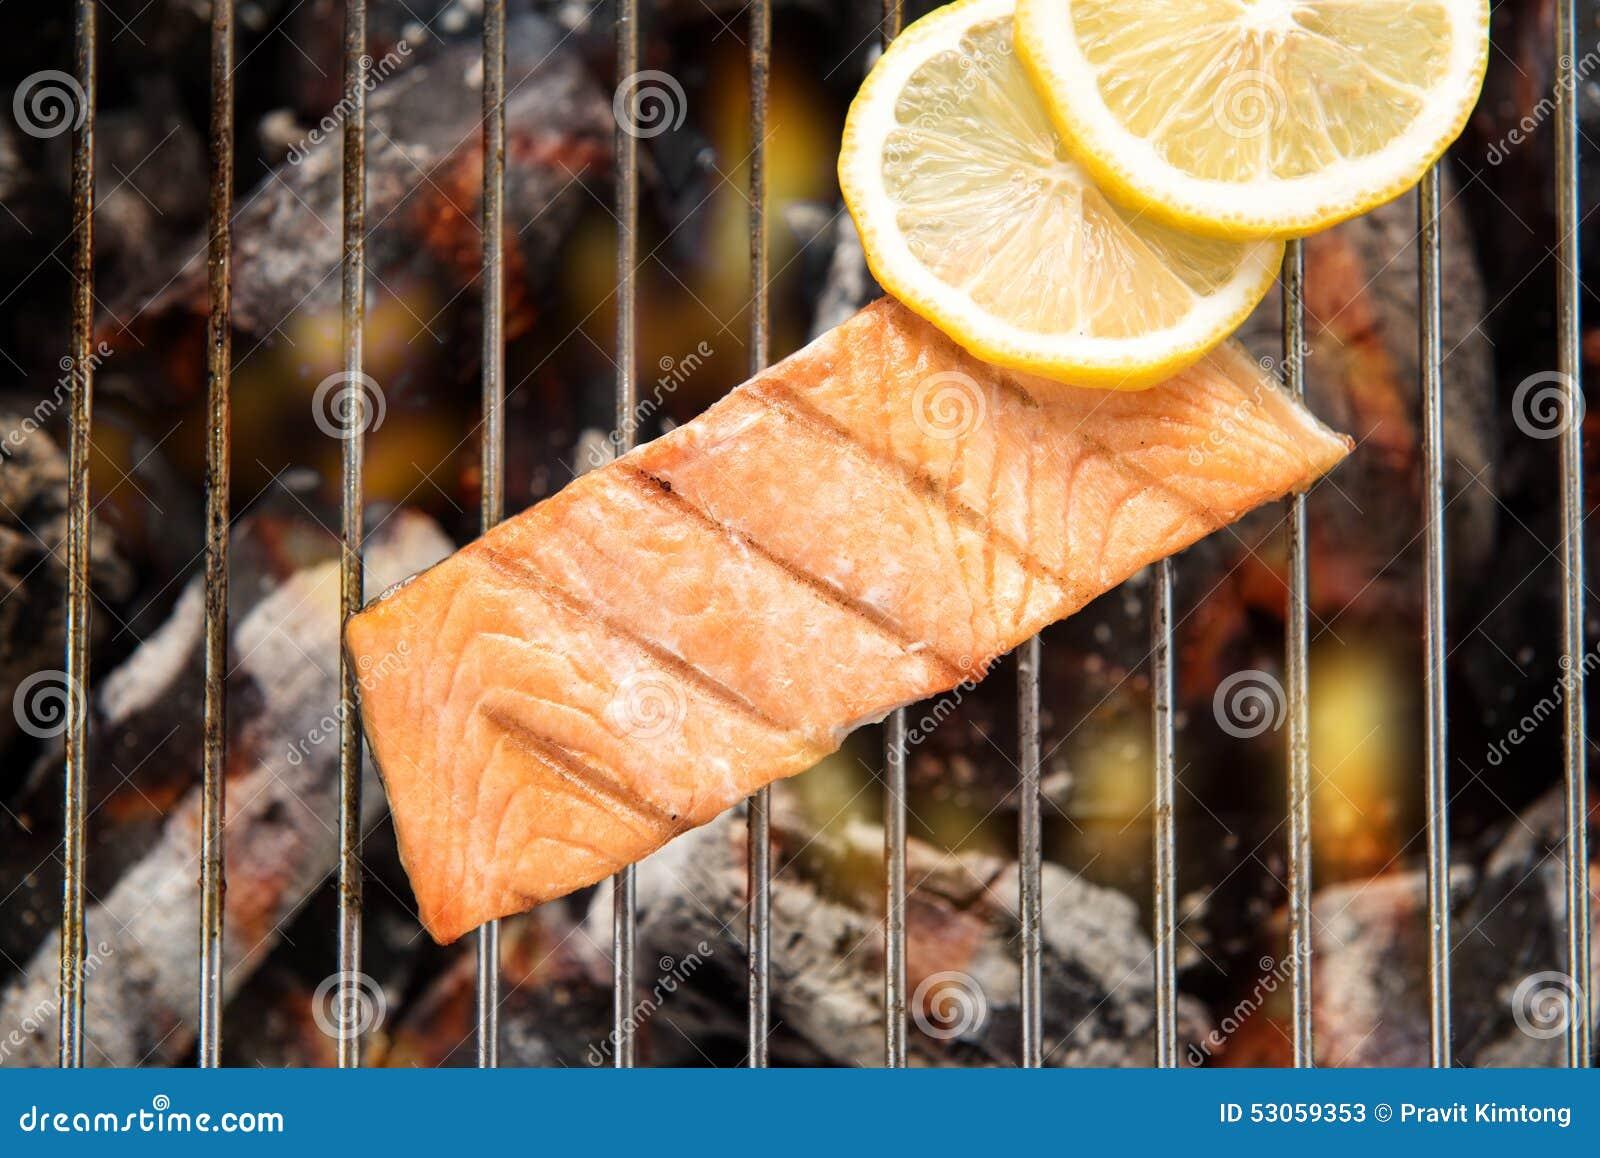 La vue supérieure a grillé des saumons avec le citron sur le gril flamboyant